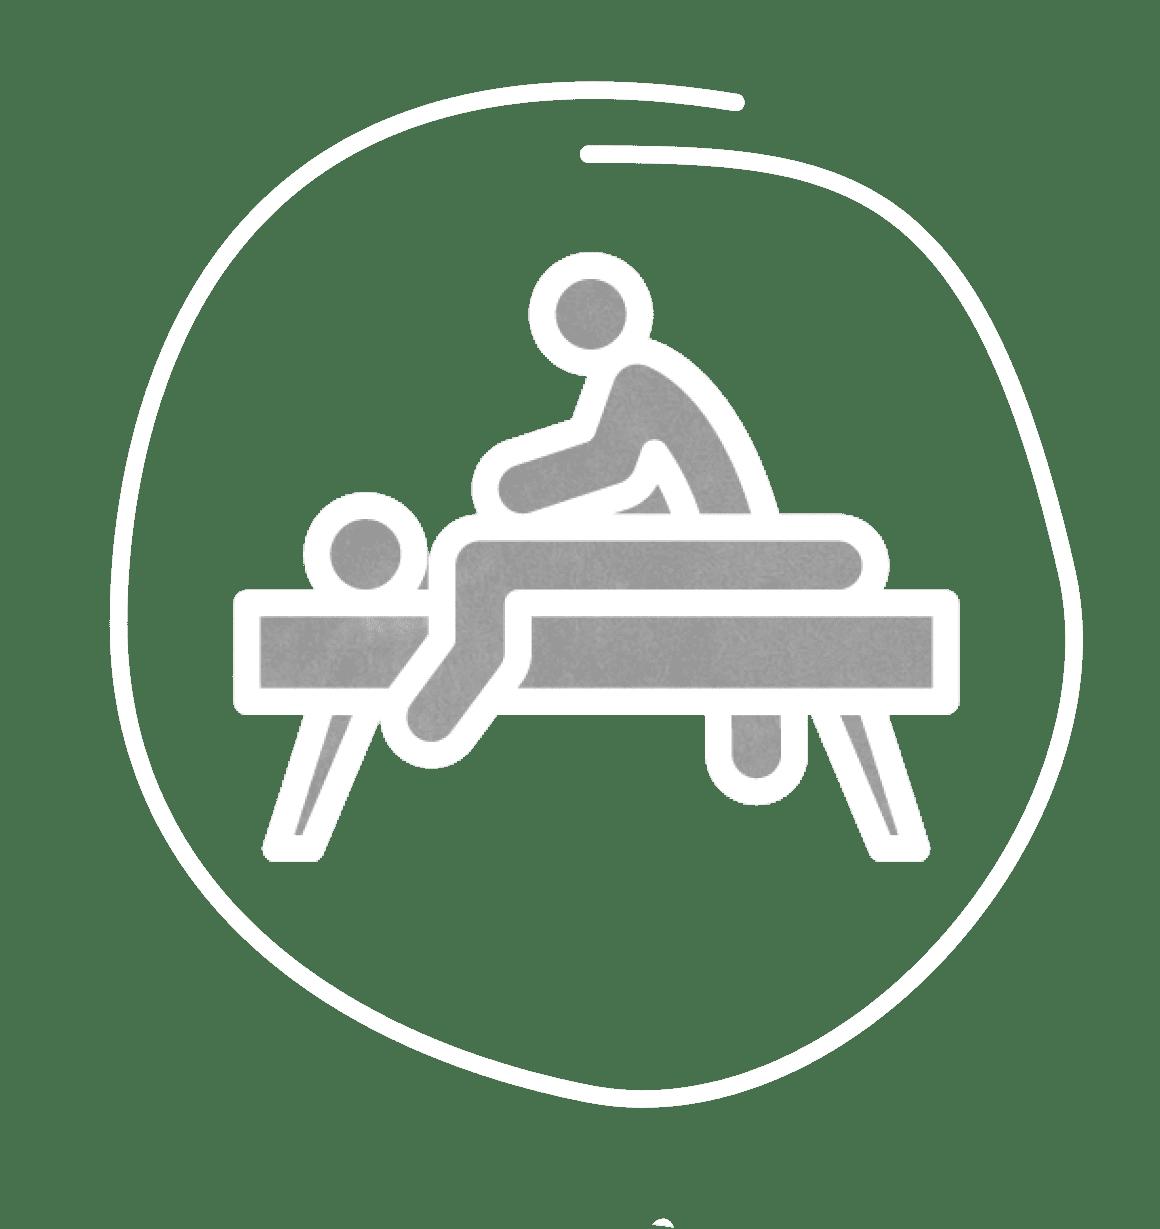 icone da massagem